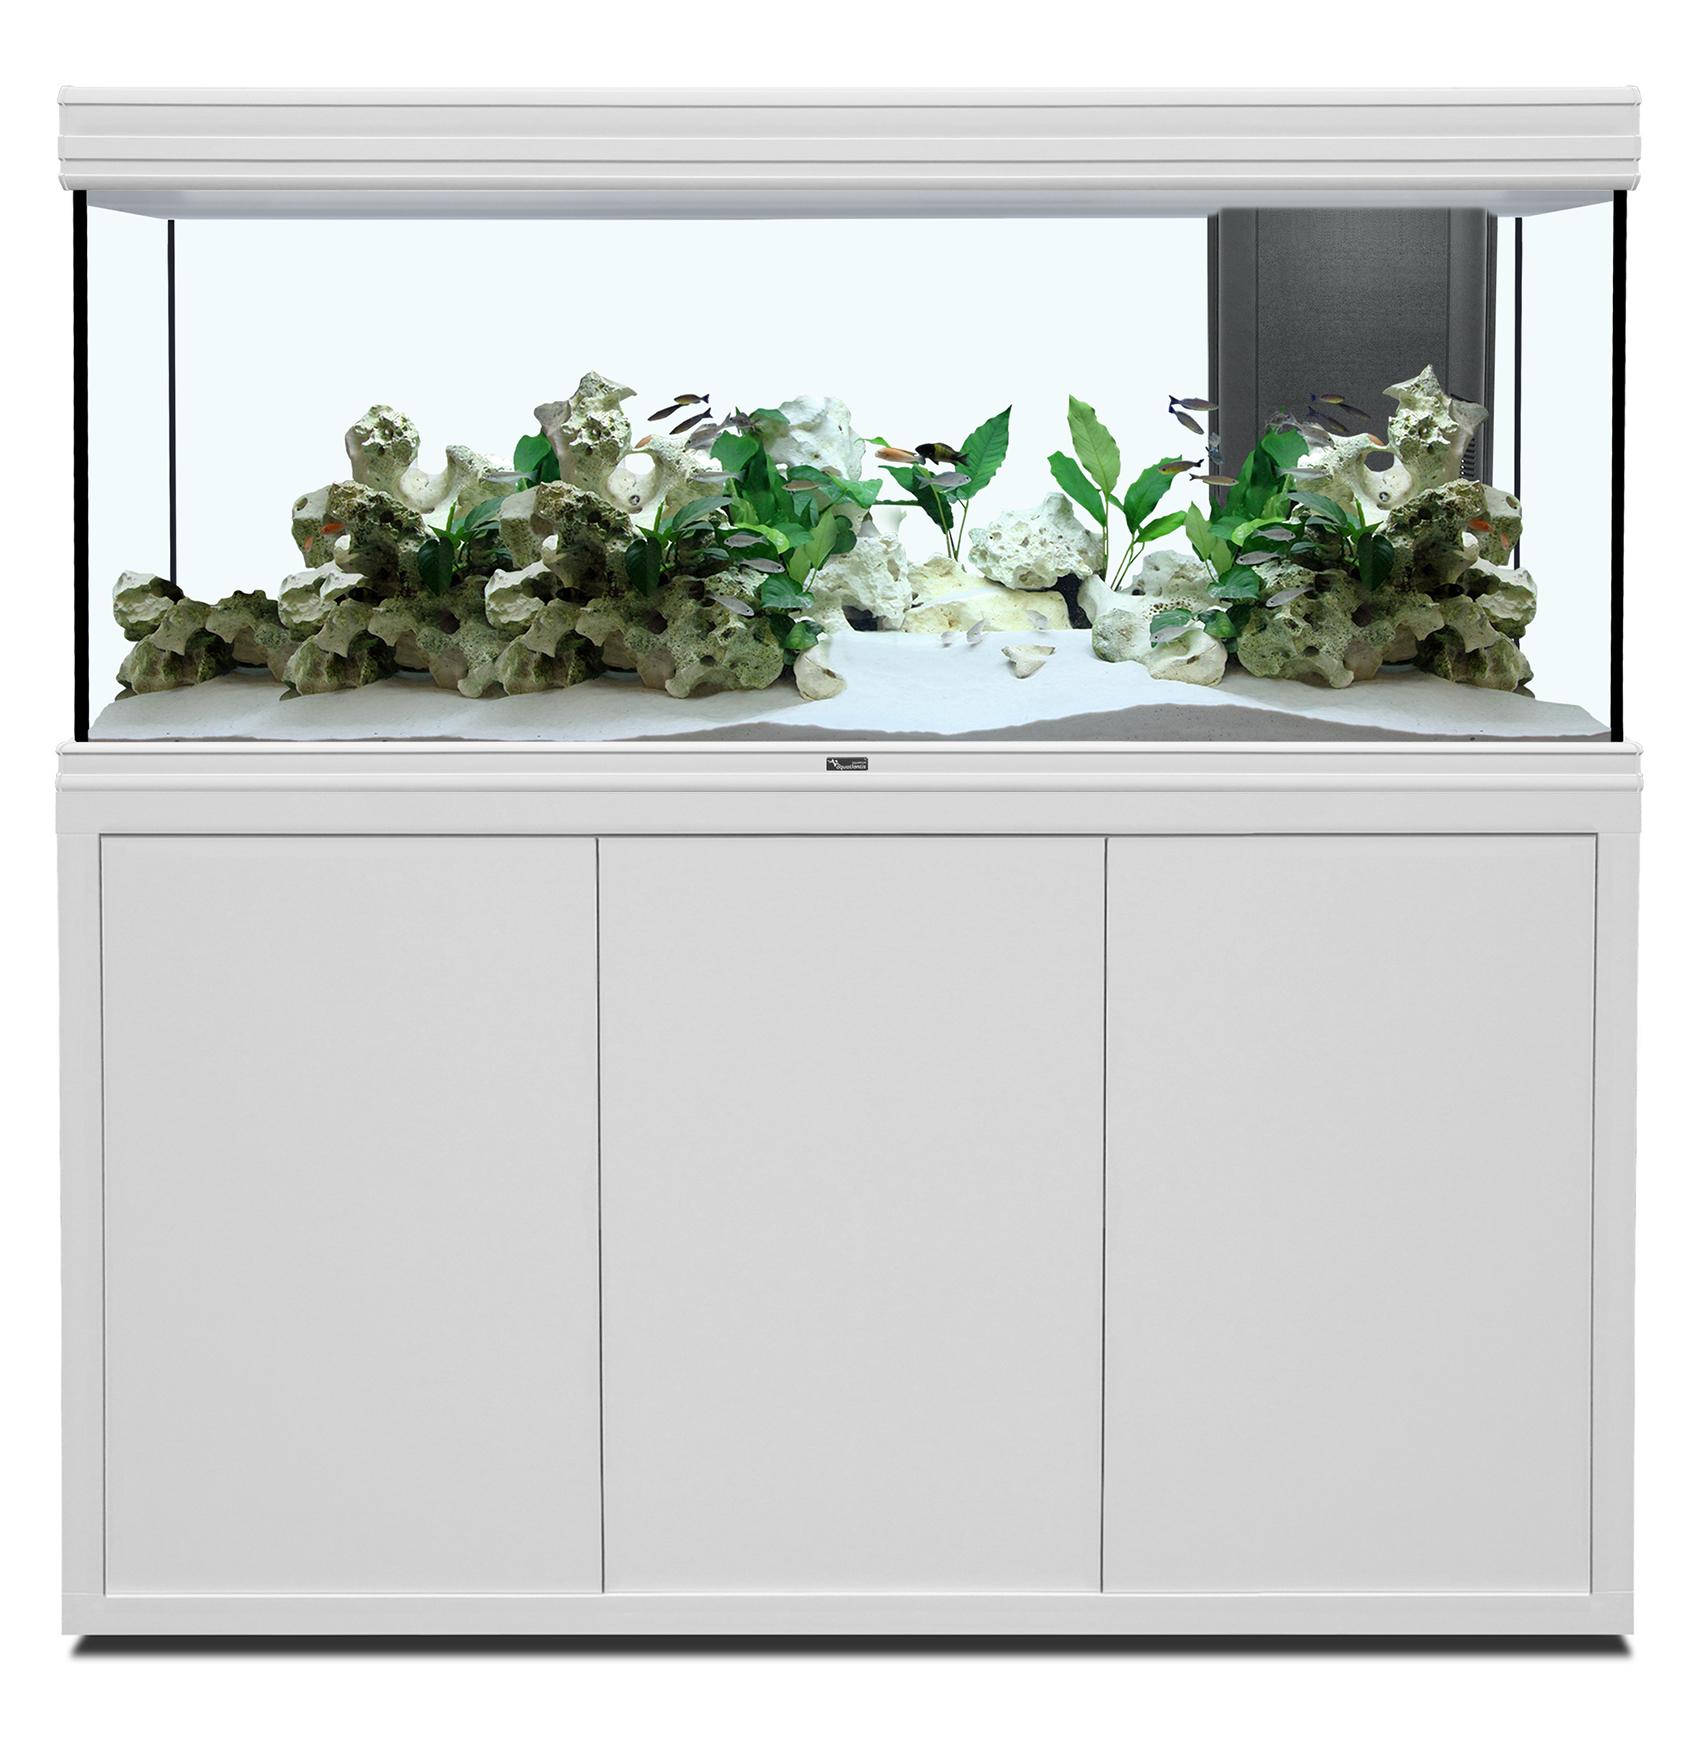 Aquatlantis FUSION 150 x 50 tout équipé Aquarium + Meuble; Couleur - Blanc